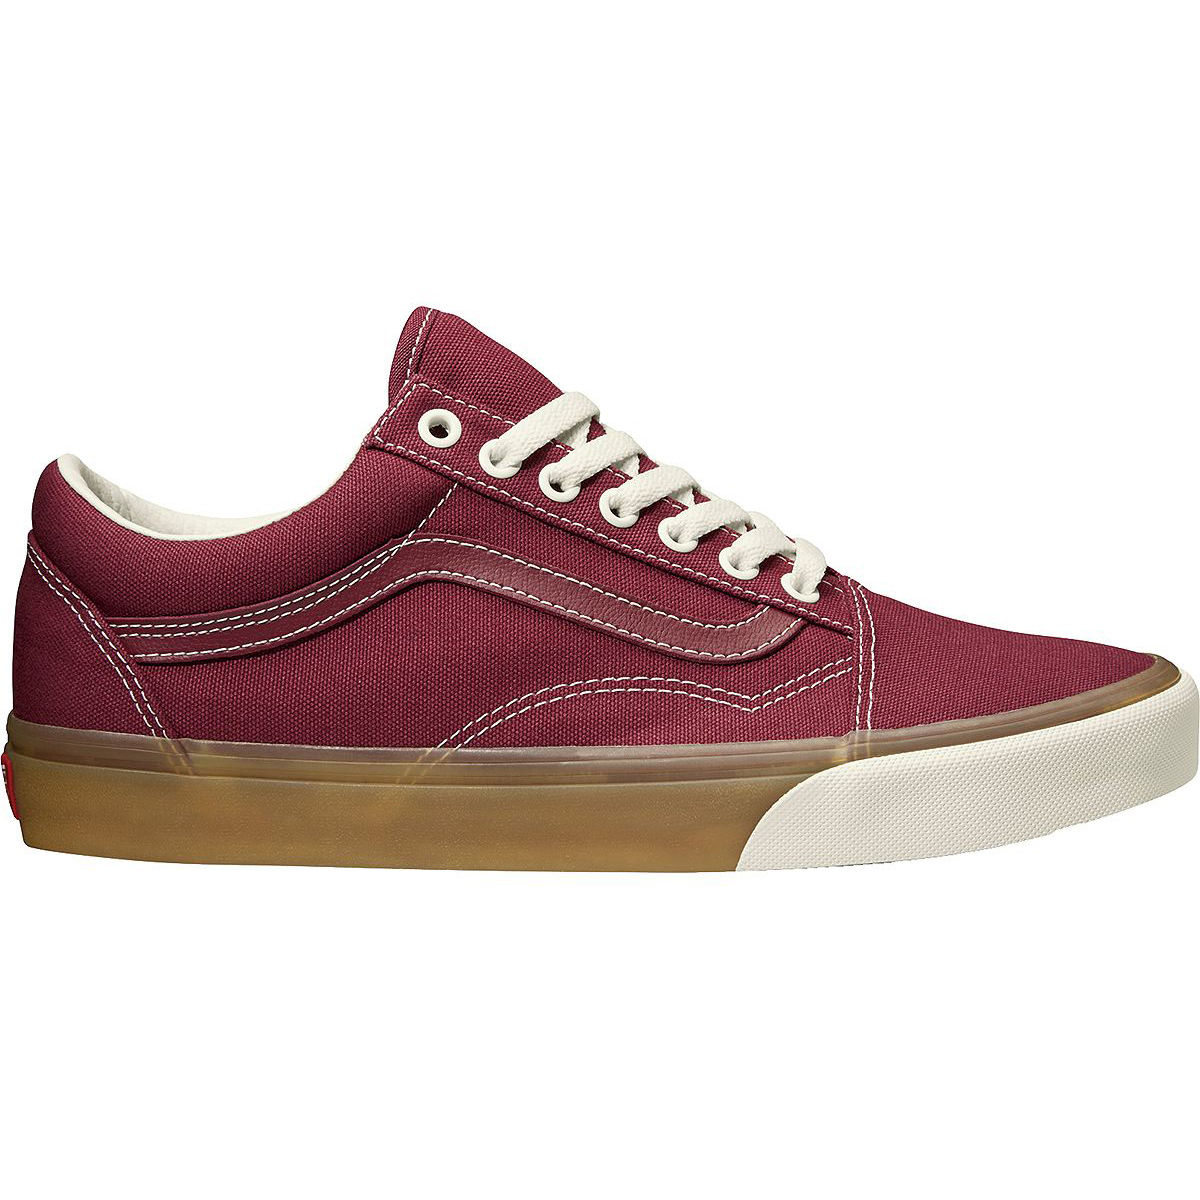 Vans Old Skool Gum Pop Shoes - Red, 12